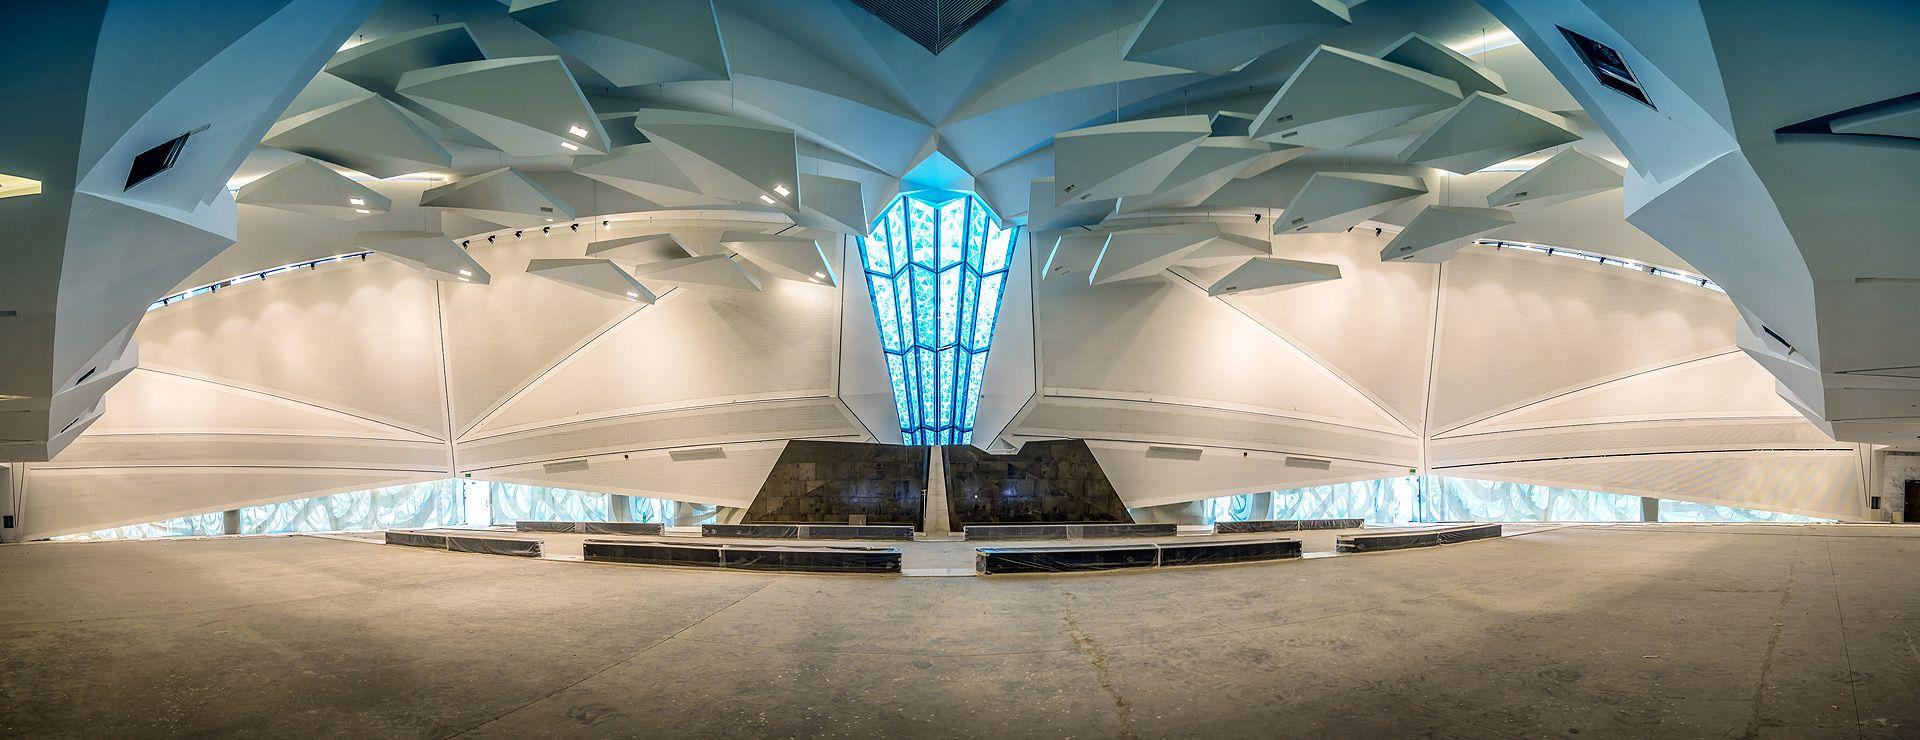 تصميم جامع مركز الملك عبدالله المالي الرياض Design Of The King Abdullah Financial Center Mosque Riyadh صور ل مسجد و Mosque Design Grand Mosque Mosque